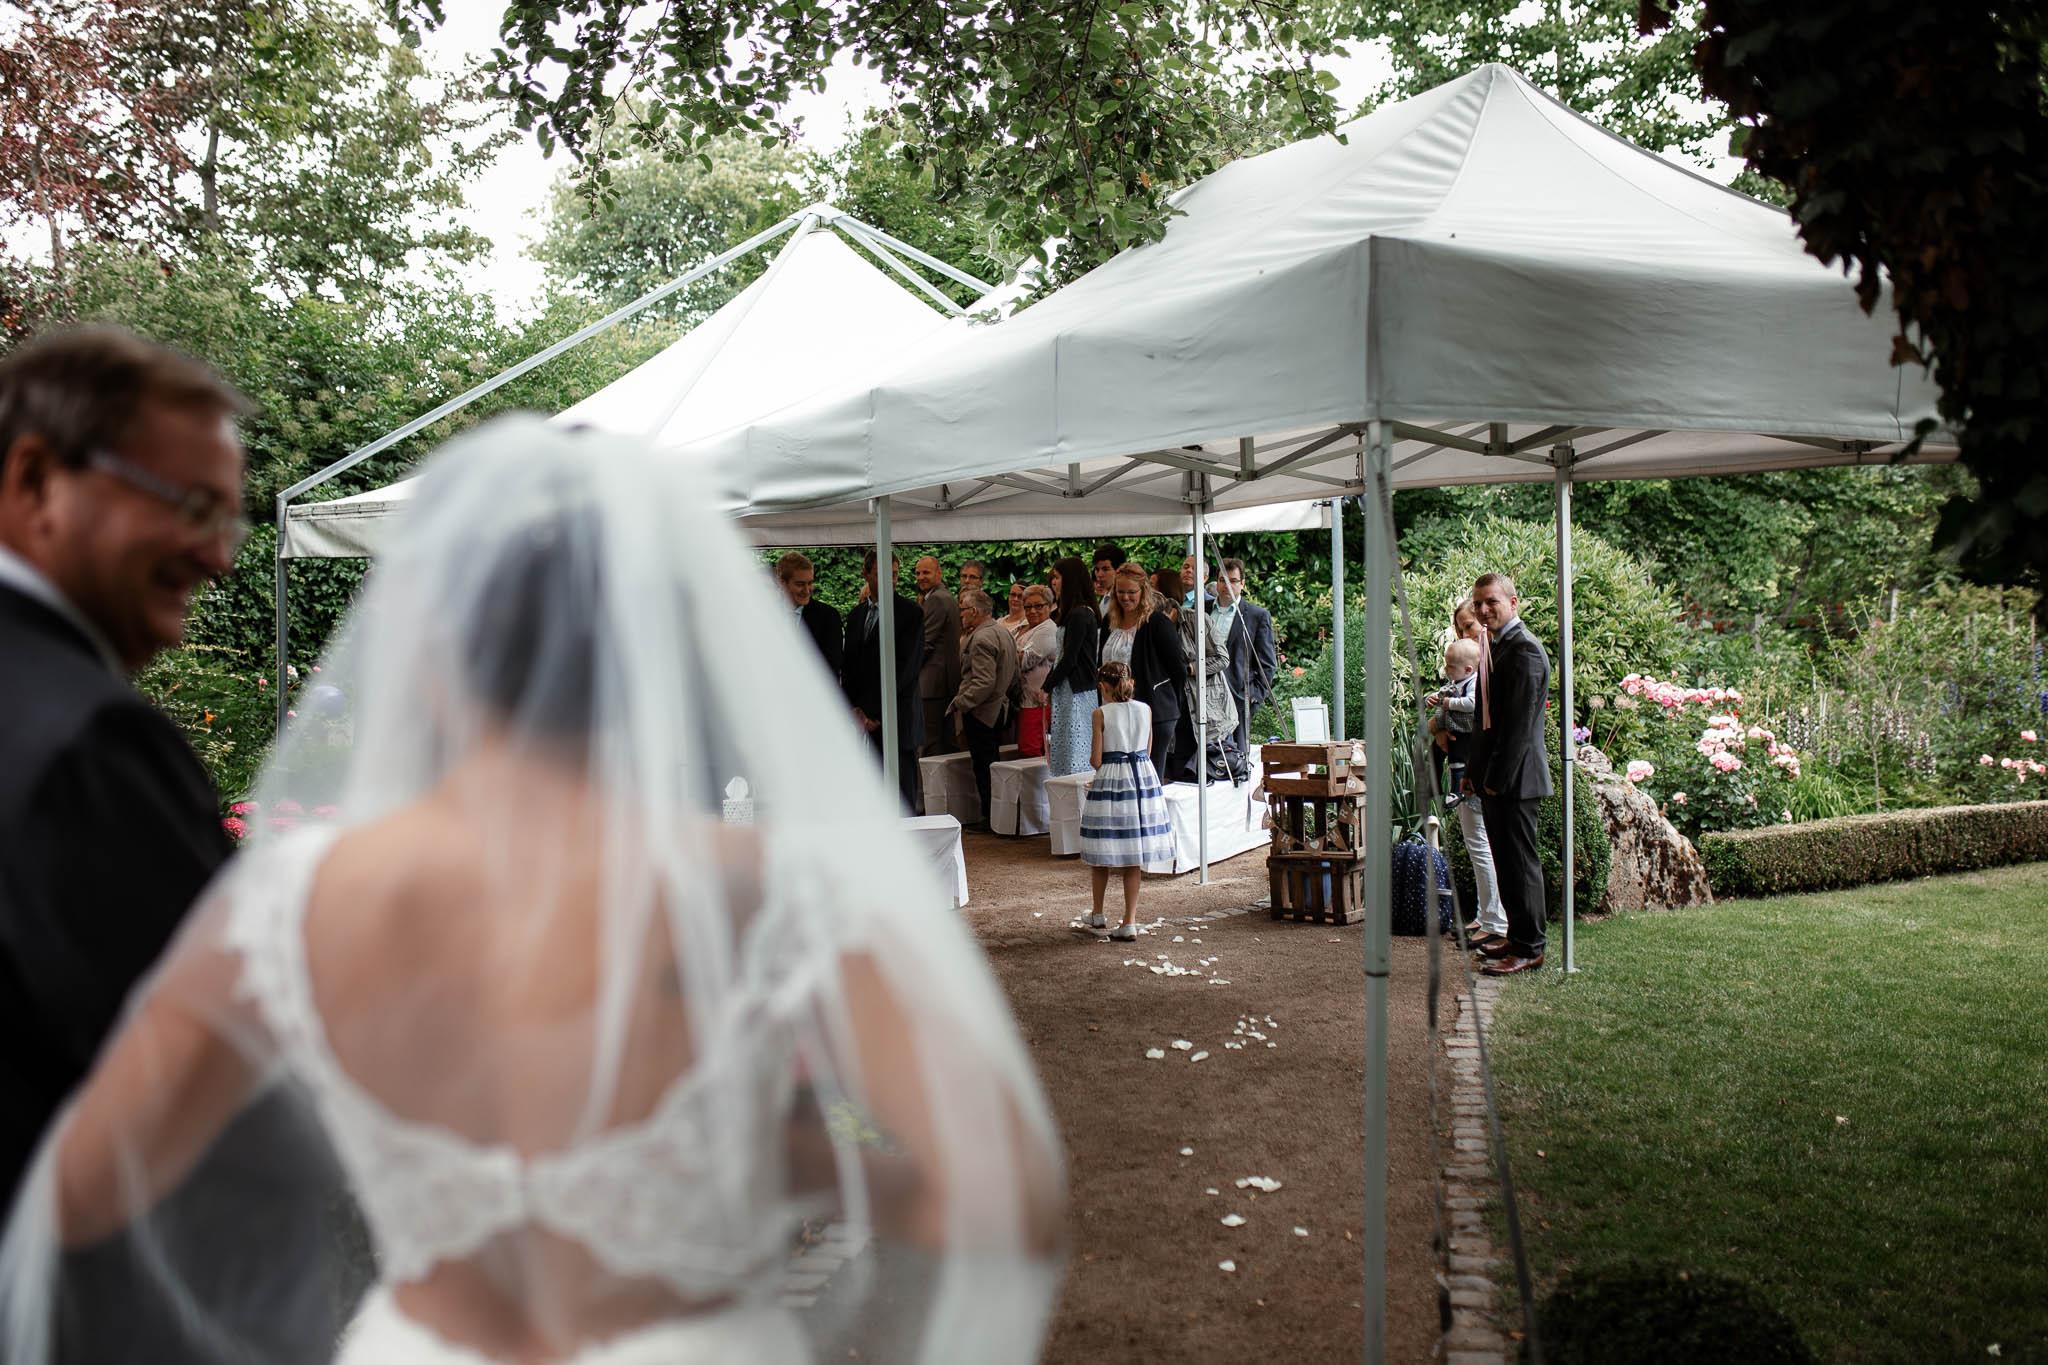 Hochzeitsfotograf Monzernheim: freie Trauung von Sarah & Patrick 22